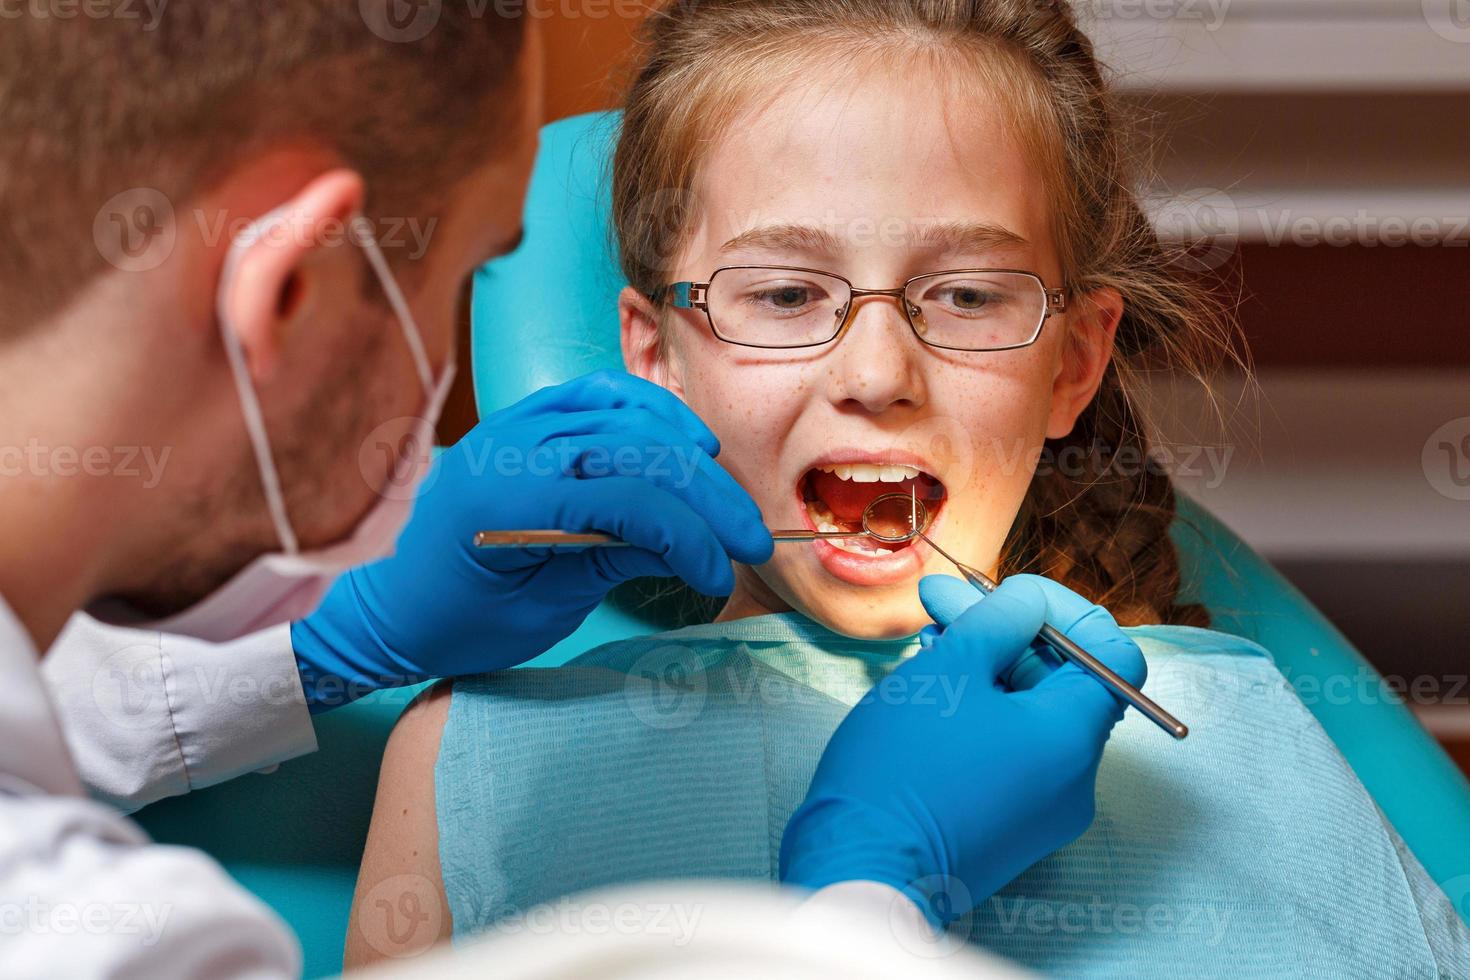 examen par un dentiste photo